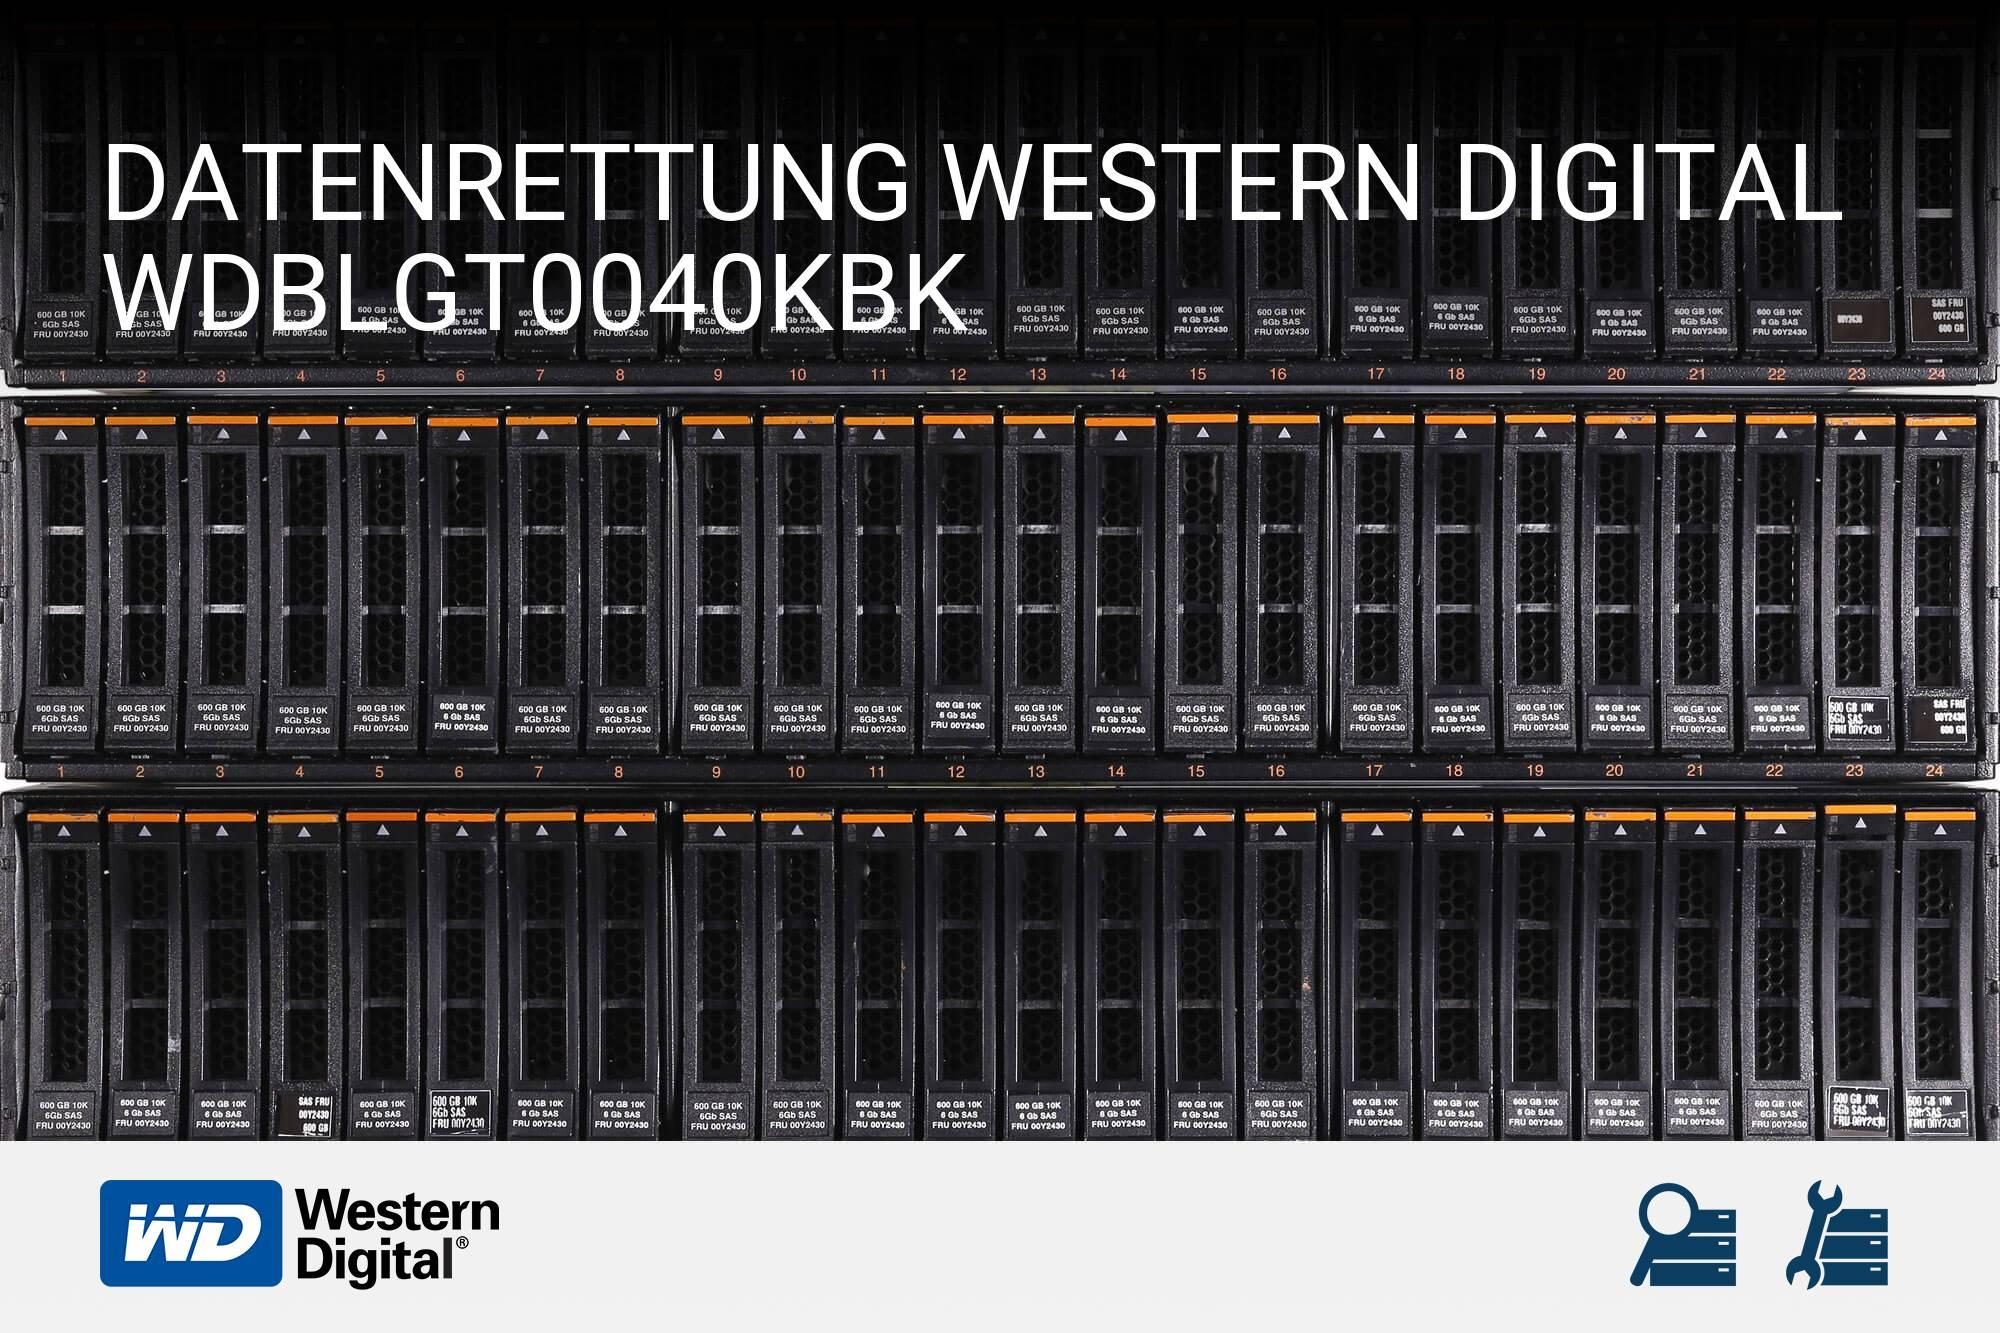 Western Digital WDBLGT0040KBK